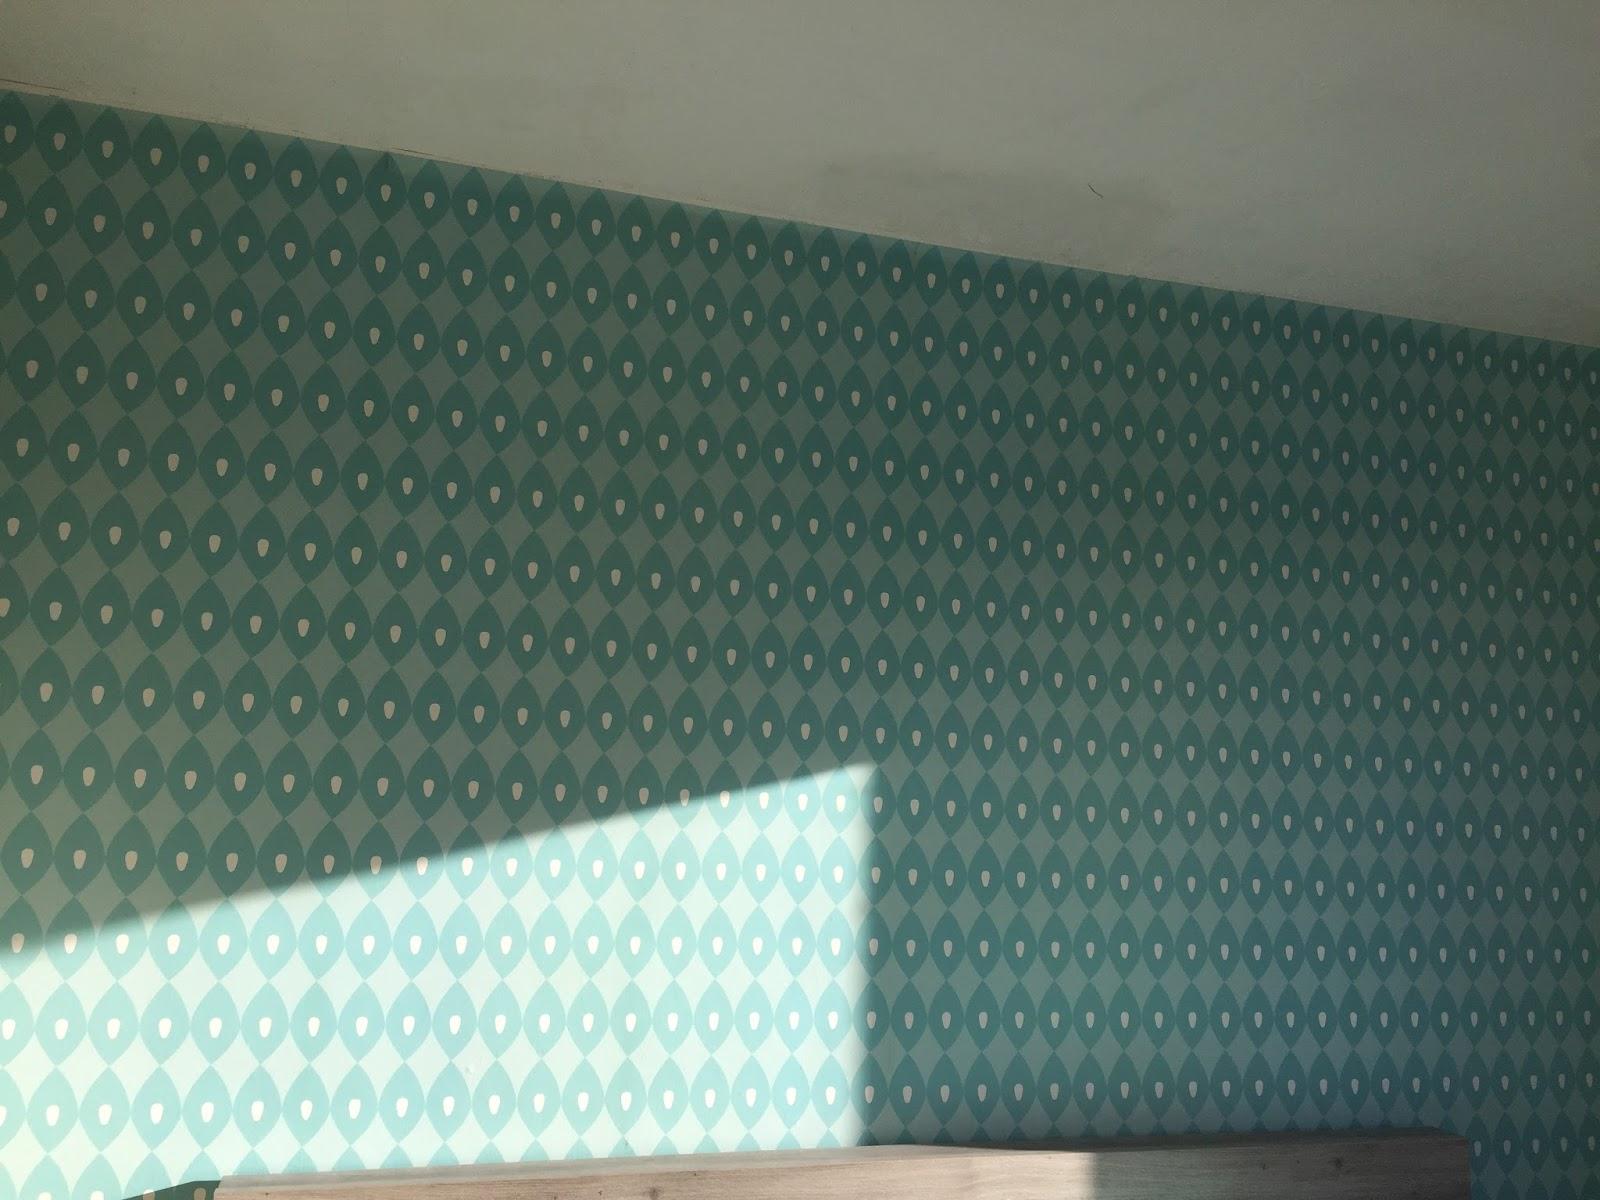 Onze slaapkamer in het nieuw: update #2 – nuniya